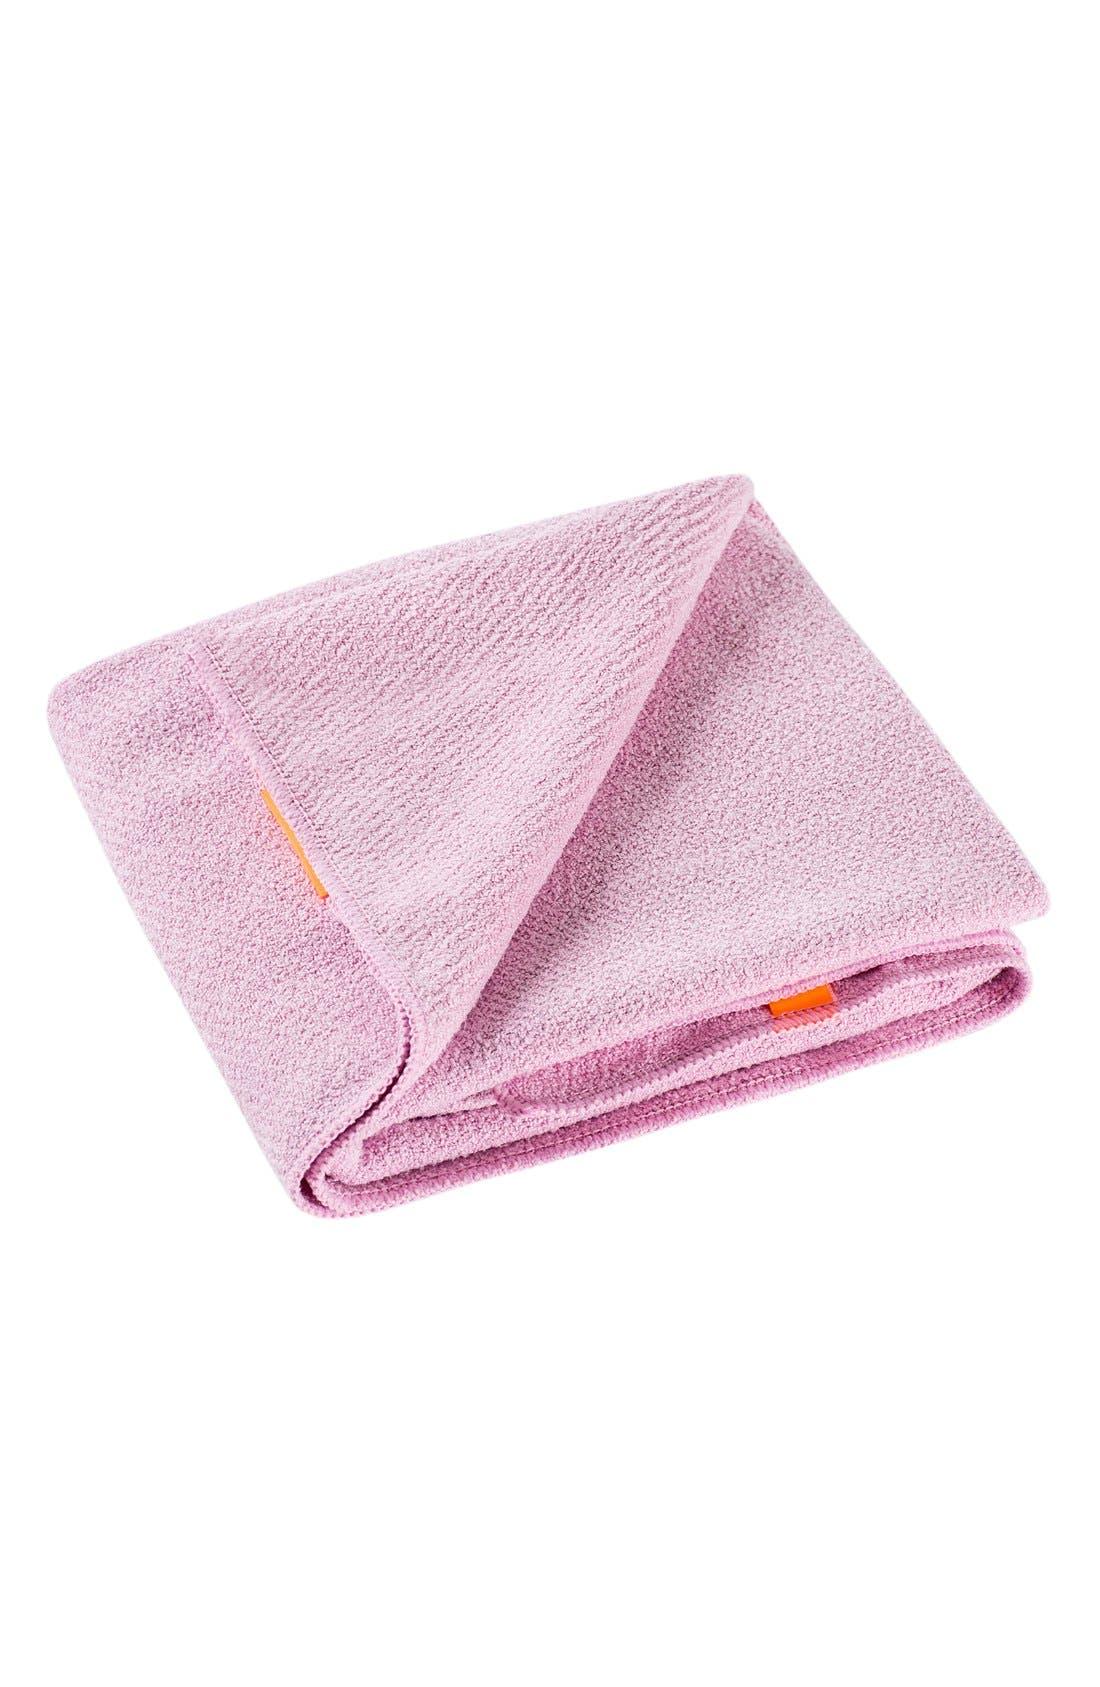 Rapid Dry Lisse Hair Towel